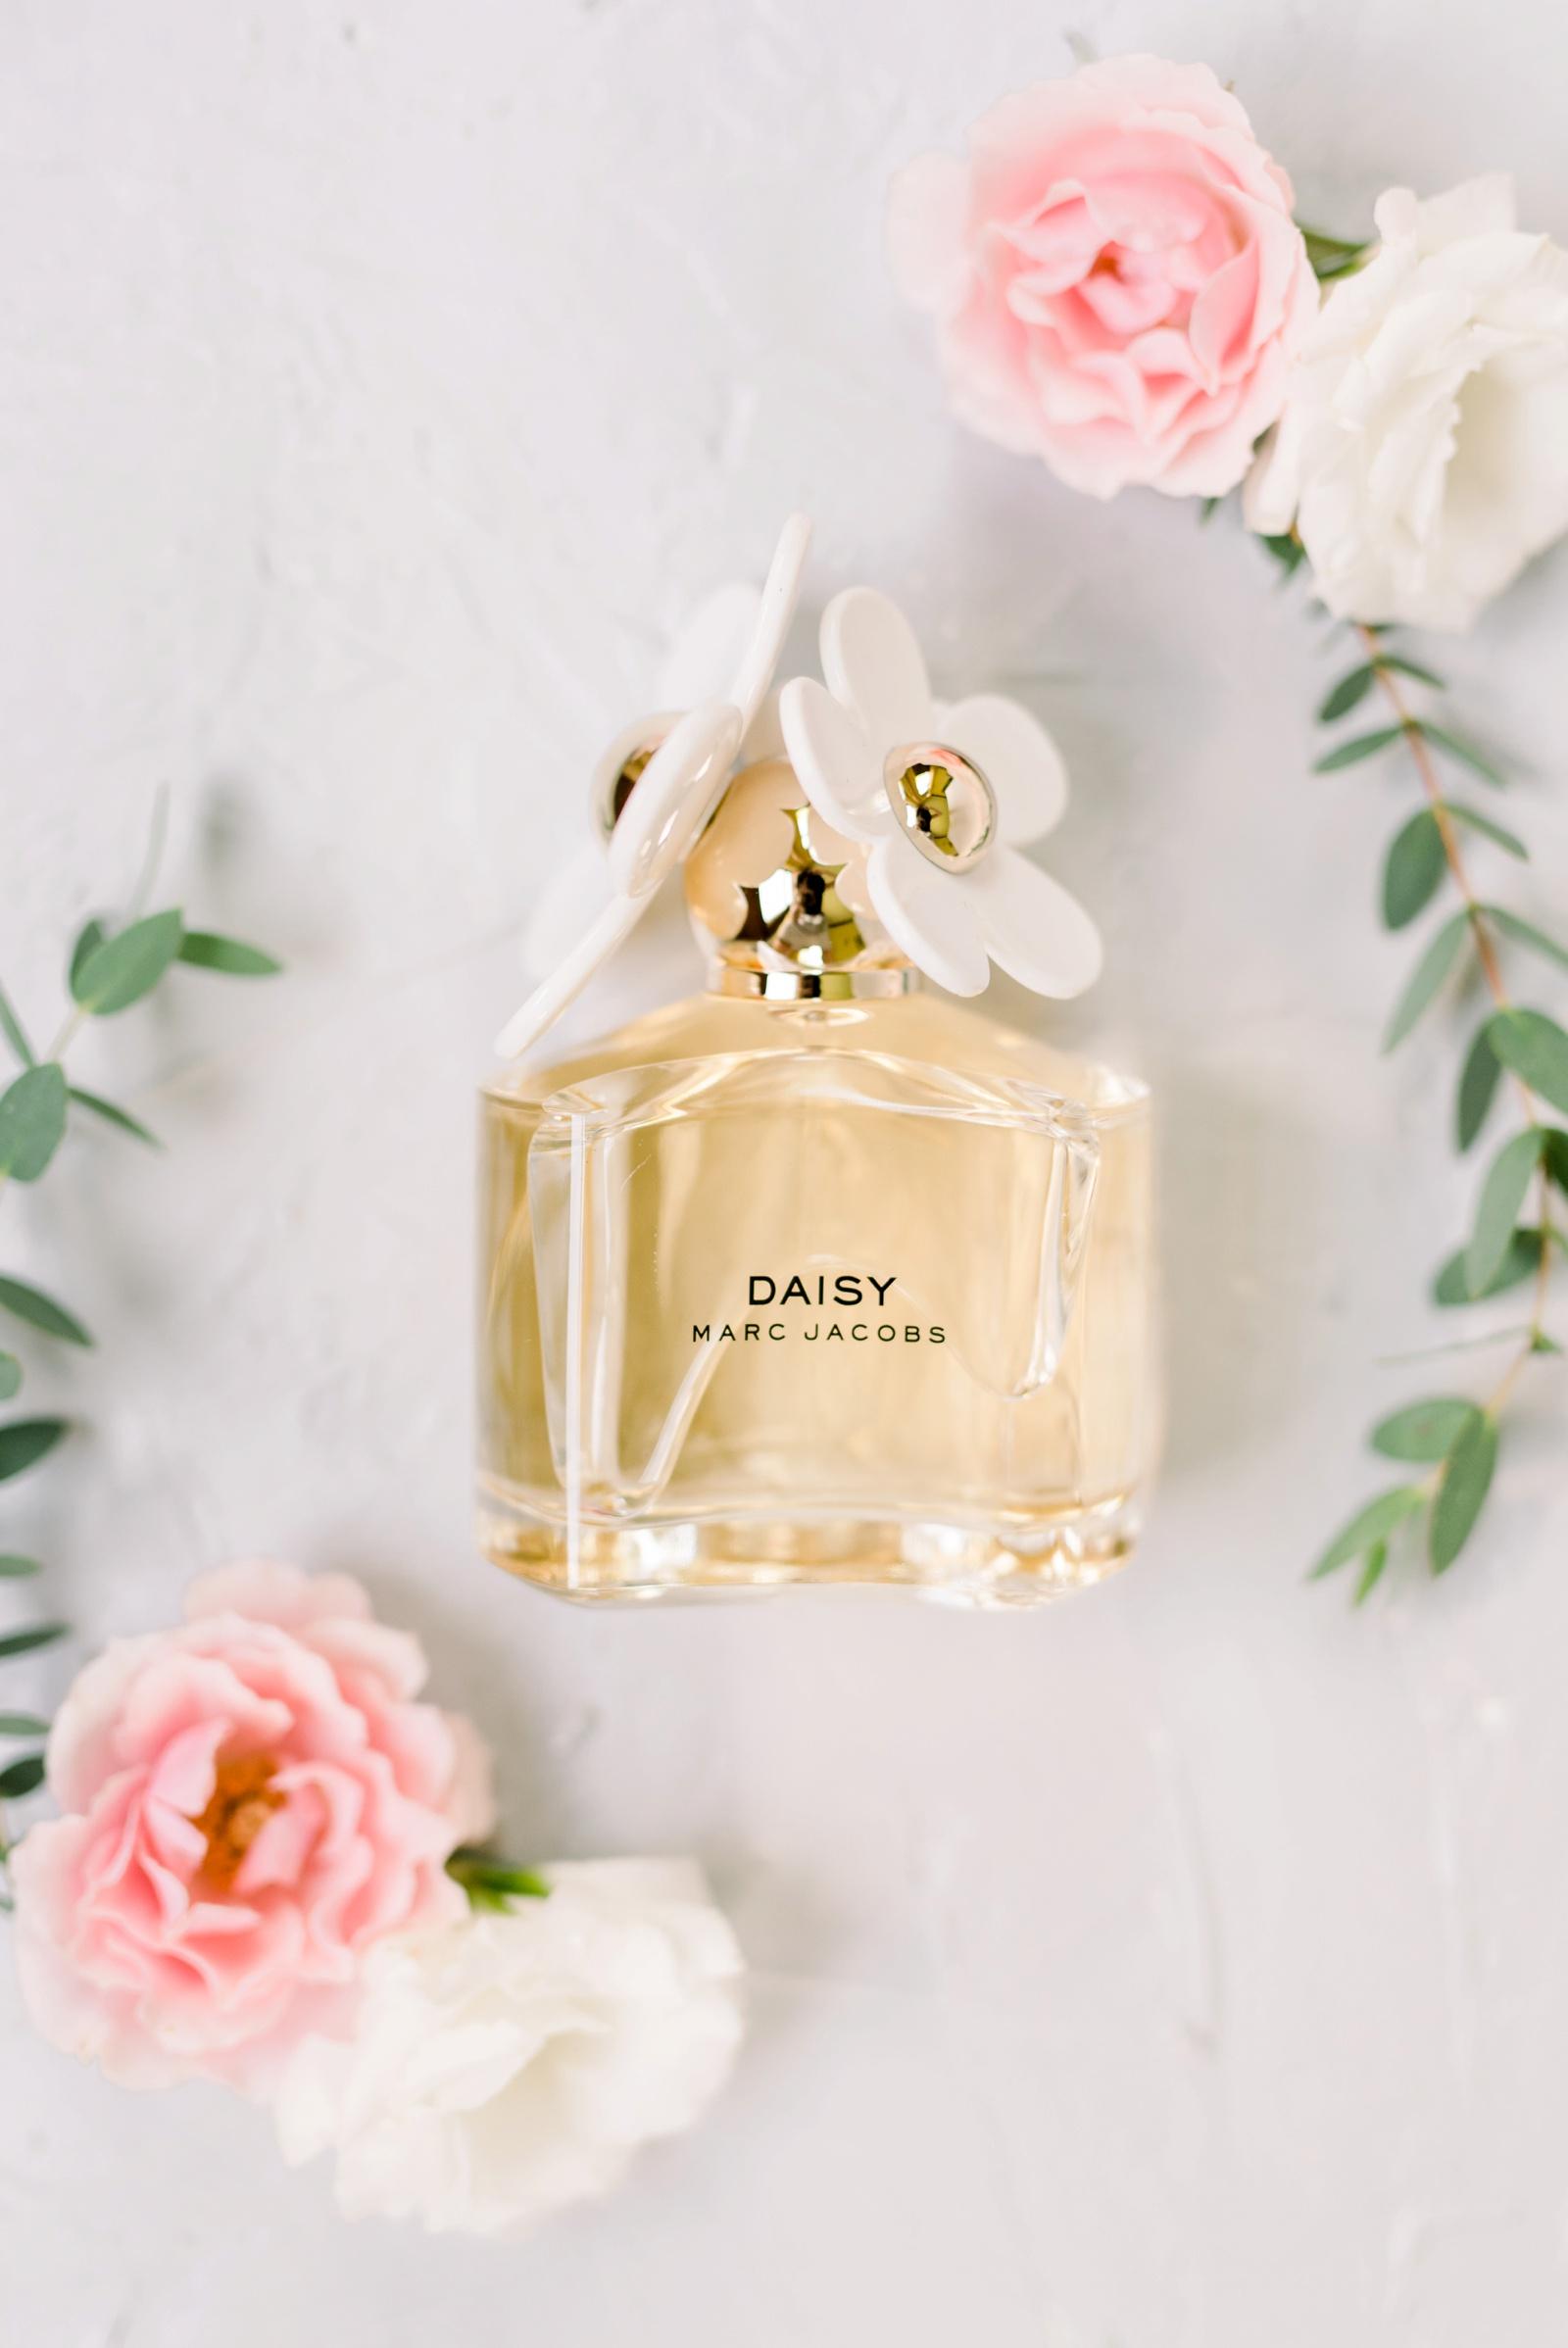 Parfum voor de bruiloft